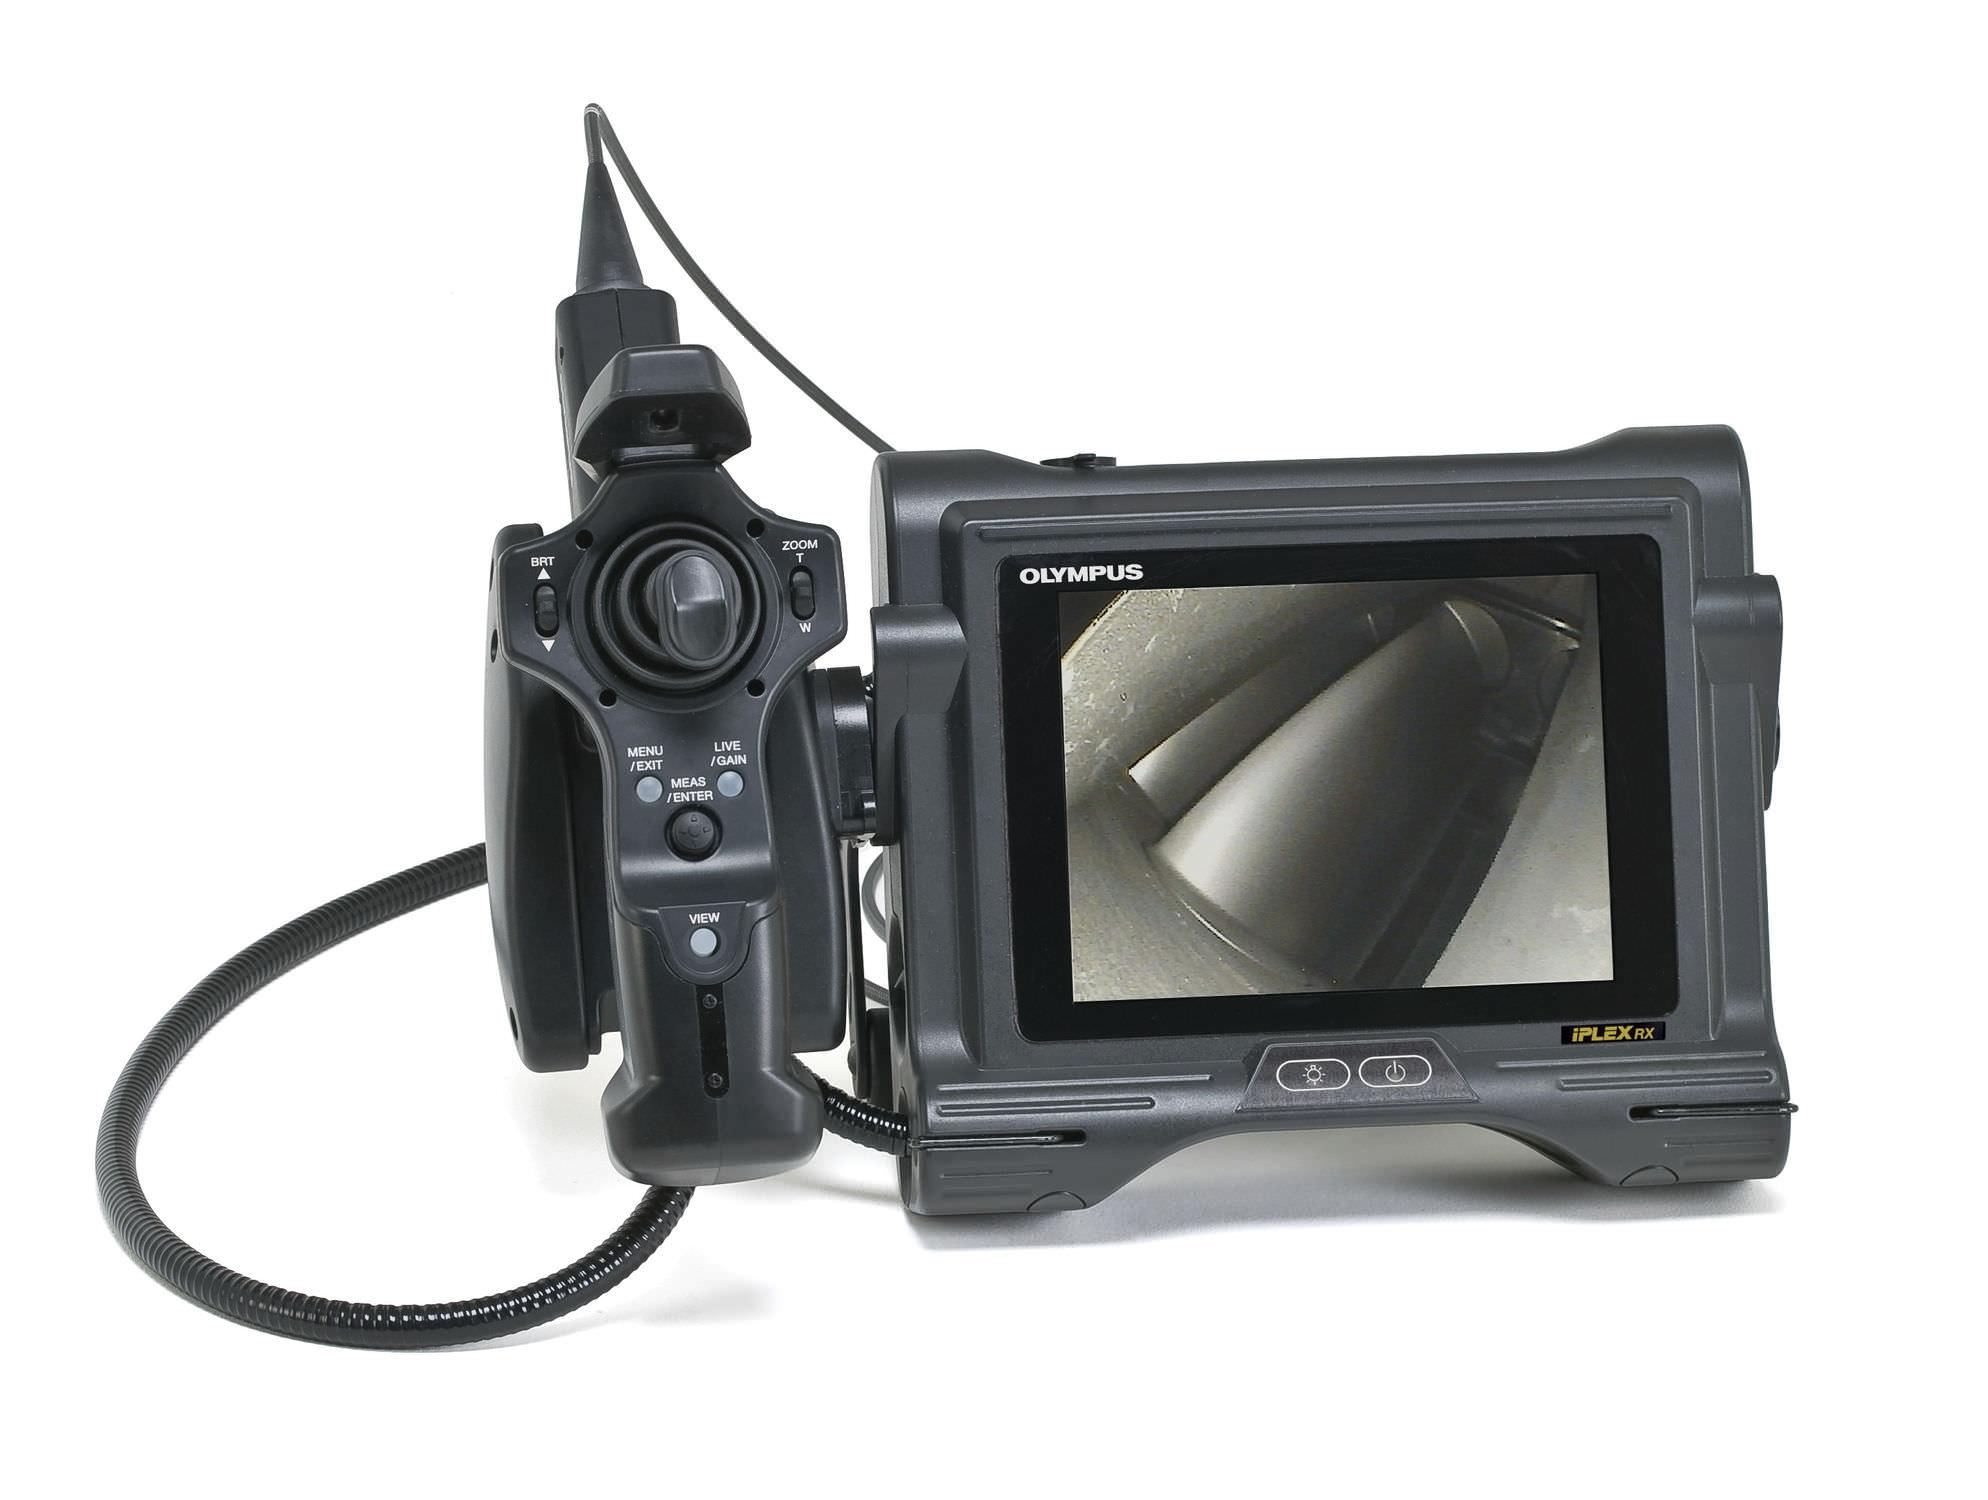 IPLEX RX - IV9620RX